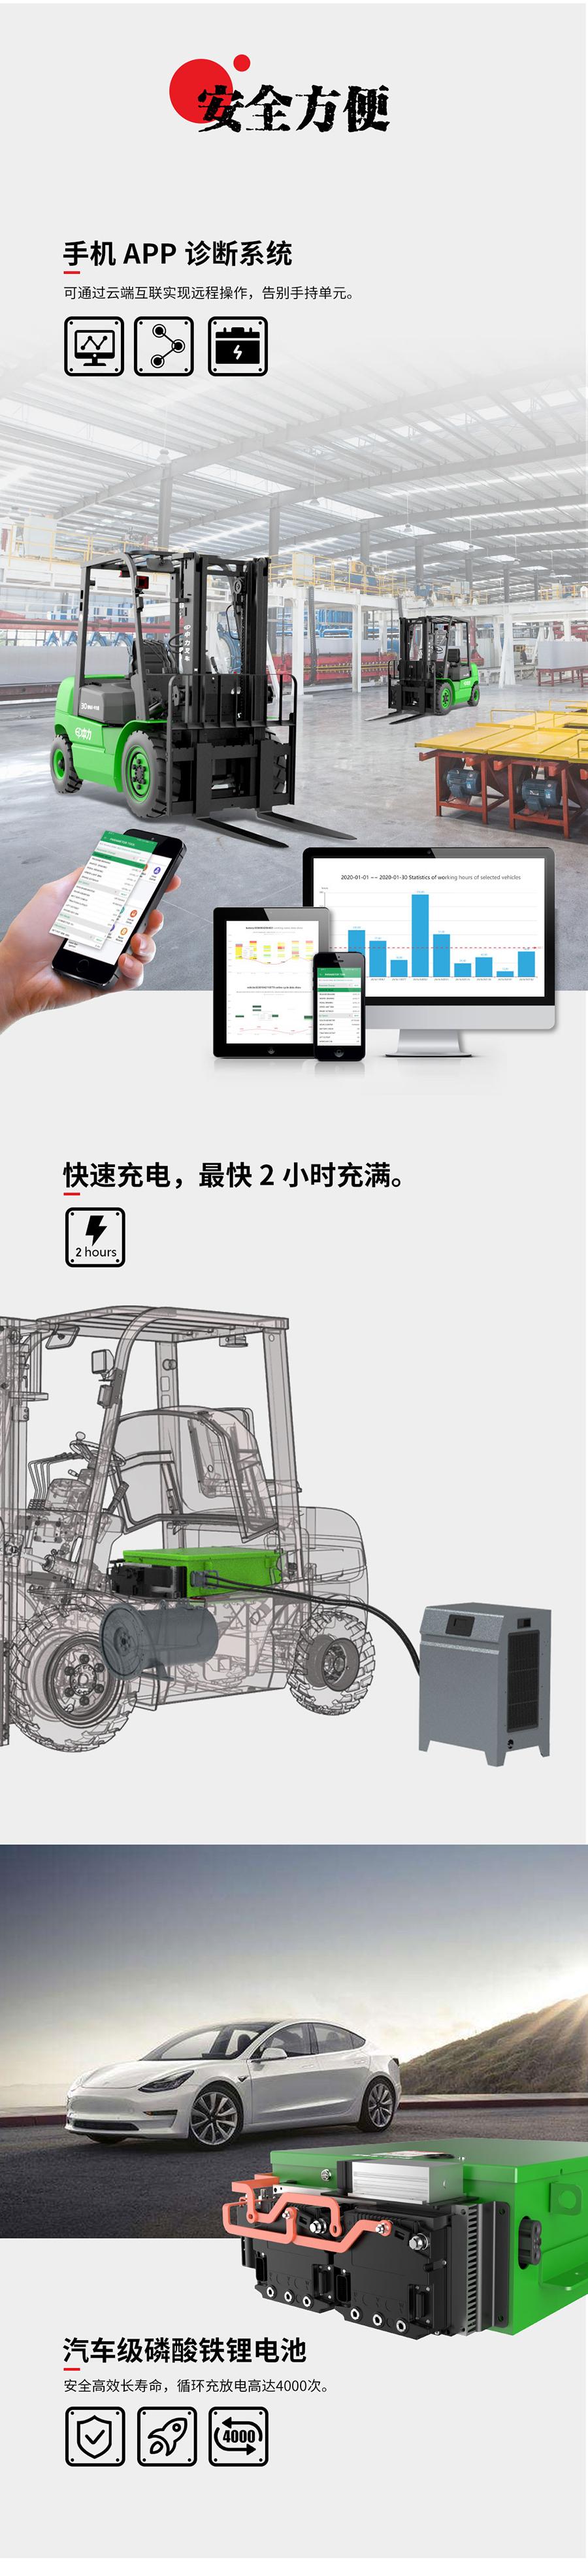 """中力""""锂电版内燃叉车""""ICE301S新品首发 震撼来袭!"""